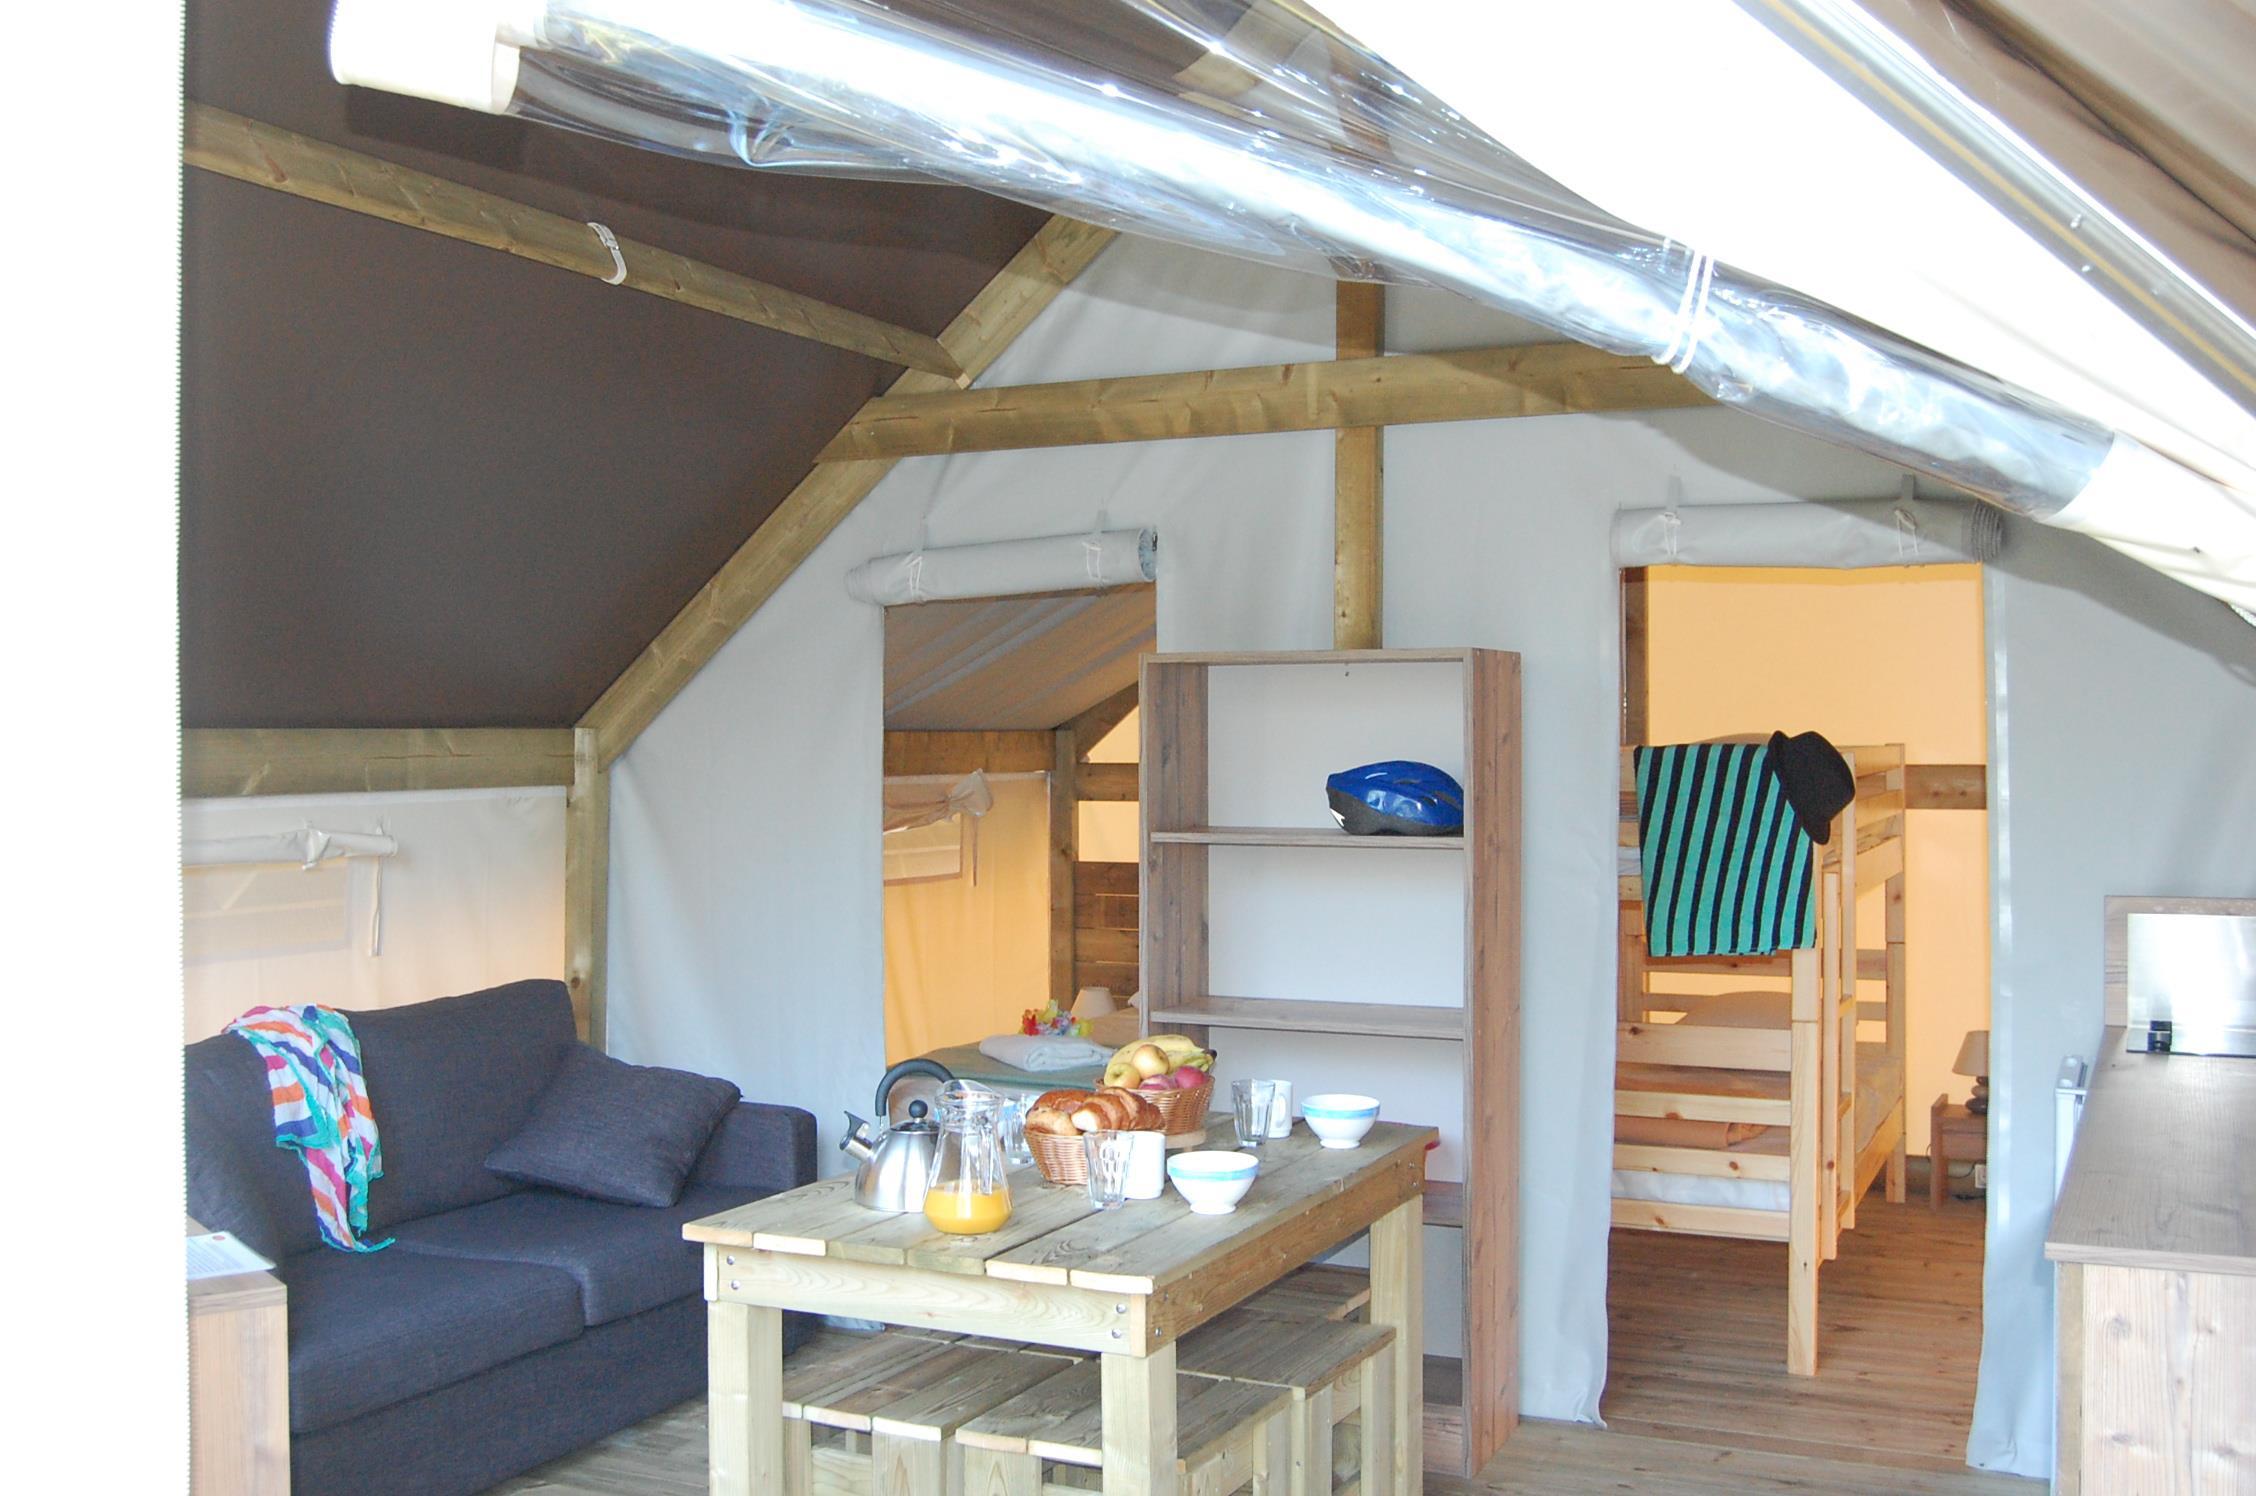 Location - Tente Meublée River Lodge 21M² (2 Chambres)** - Sans Sanitaires - Yelloh! Village Le Pré Lombard